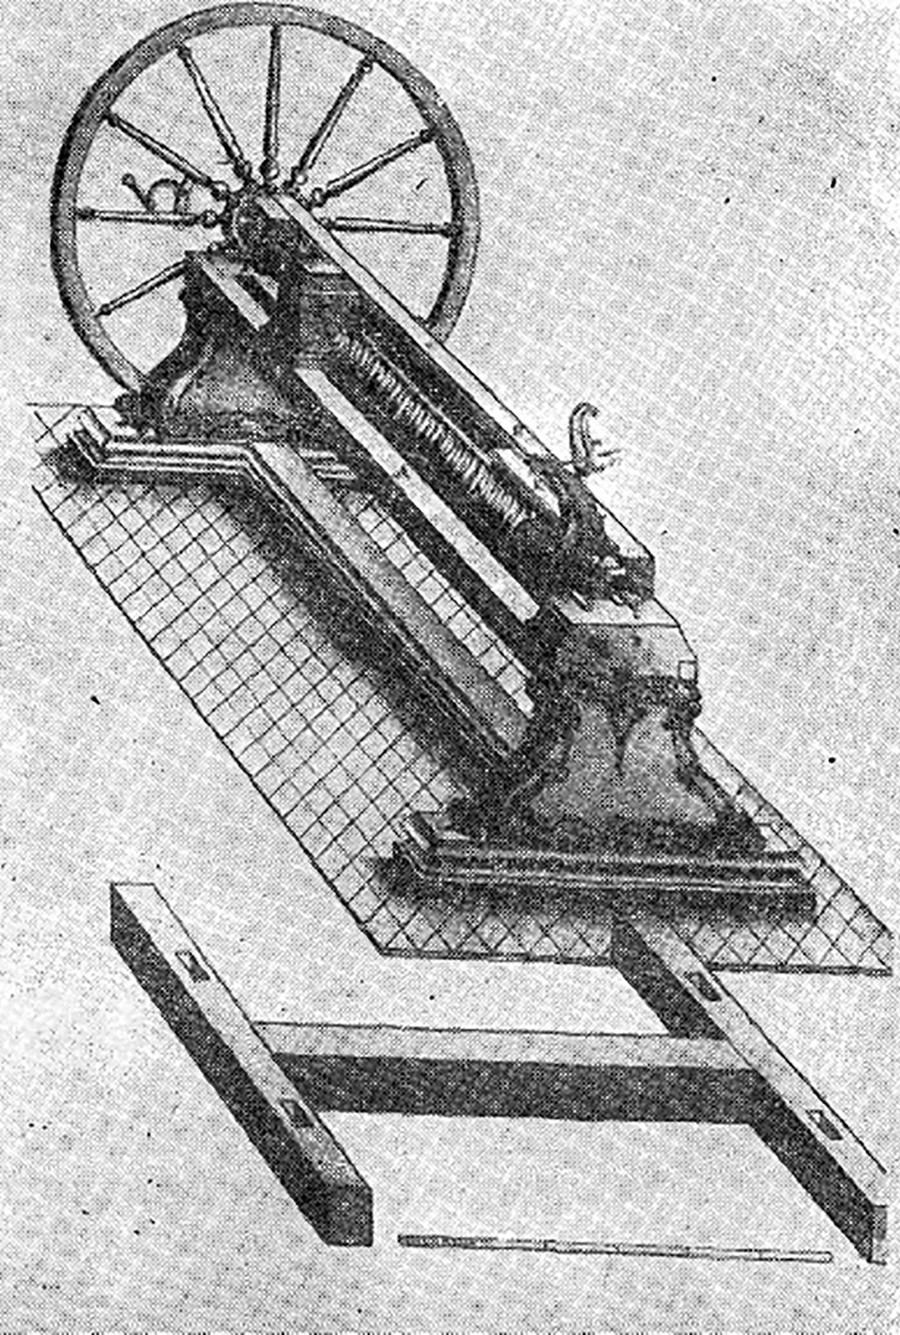 Mesin bubut Andrey Nartov dengan alat pemotong mekanis yang mendukung gerbong.